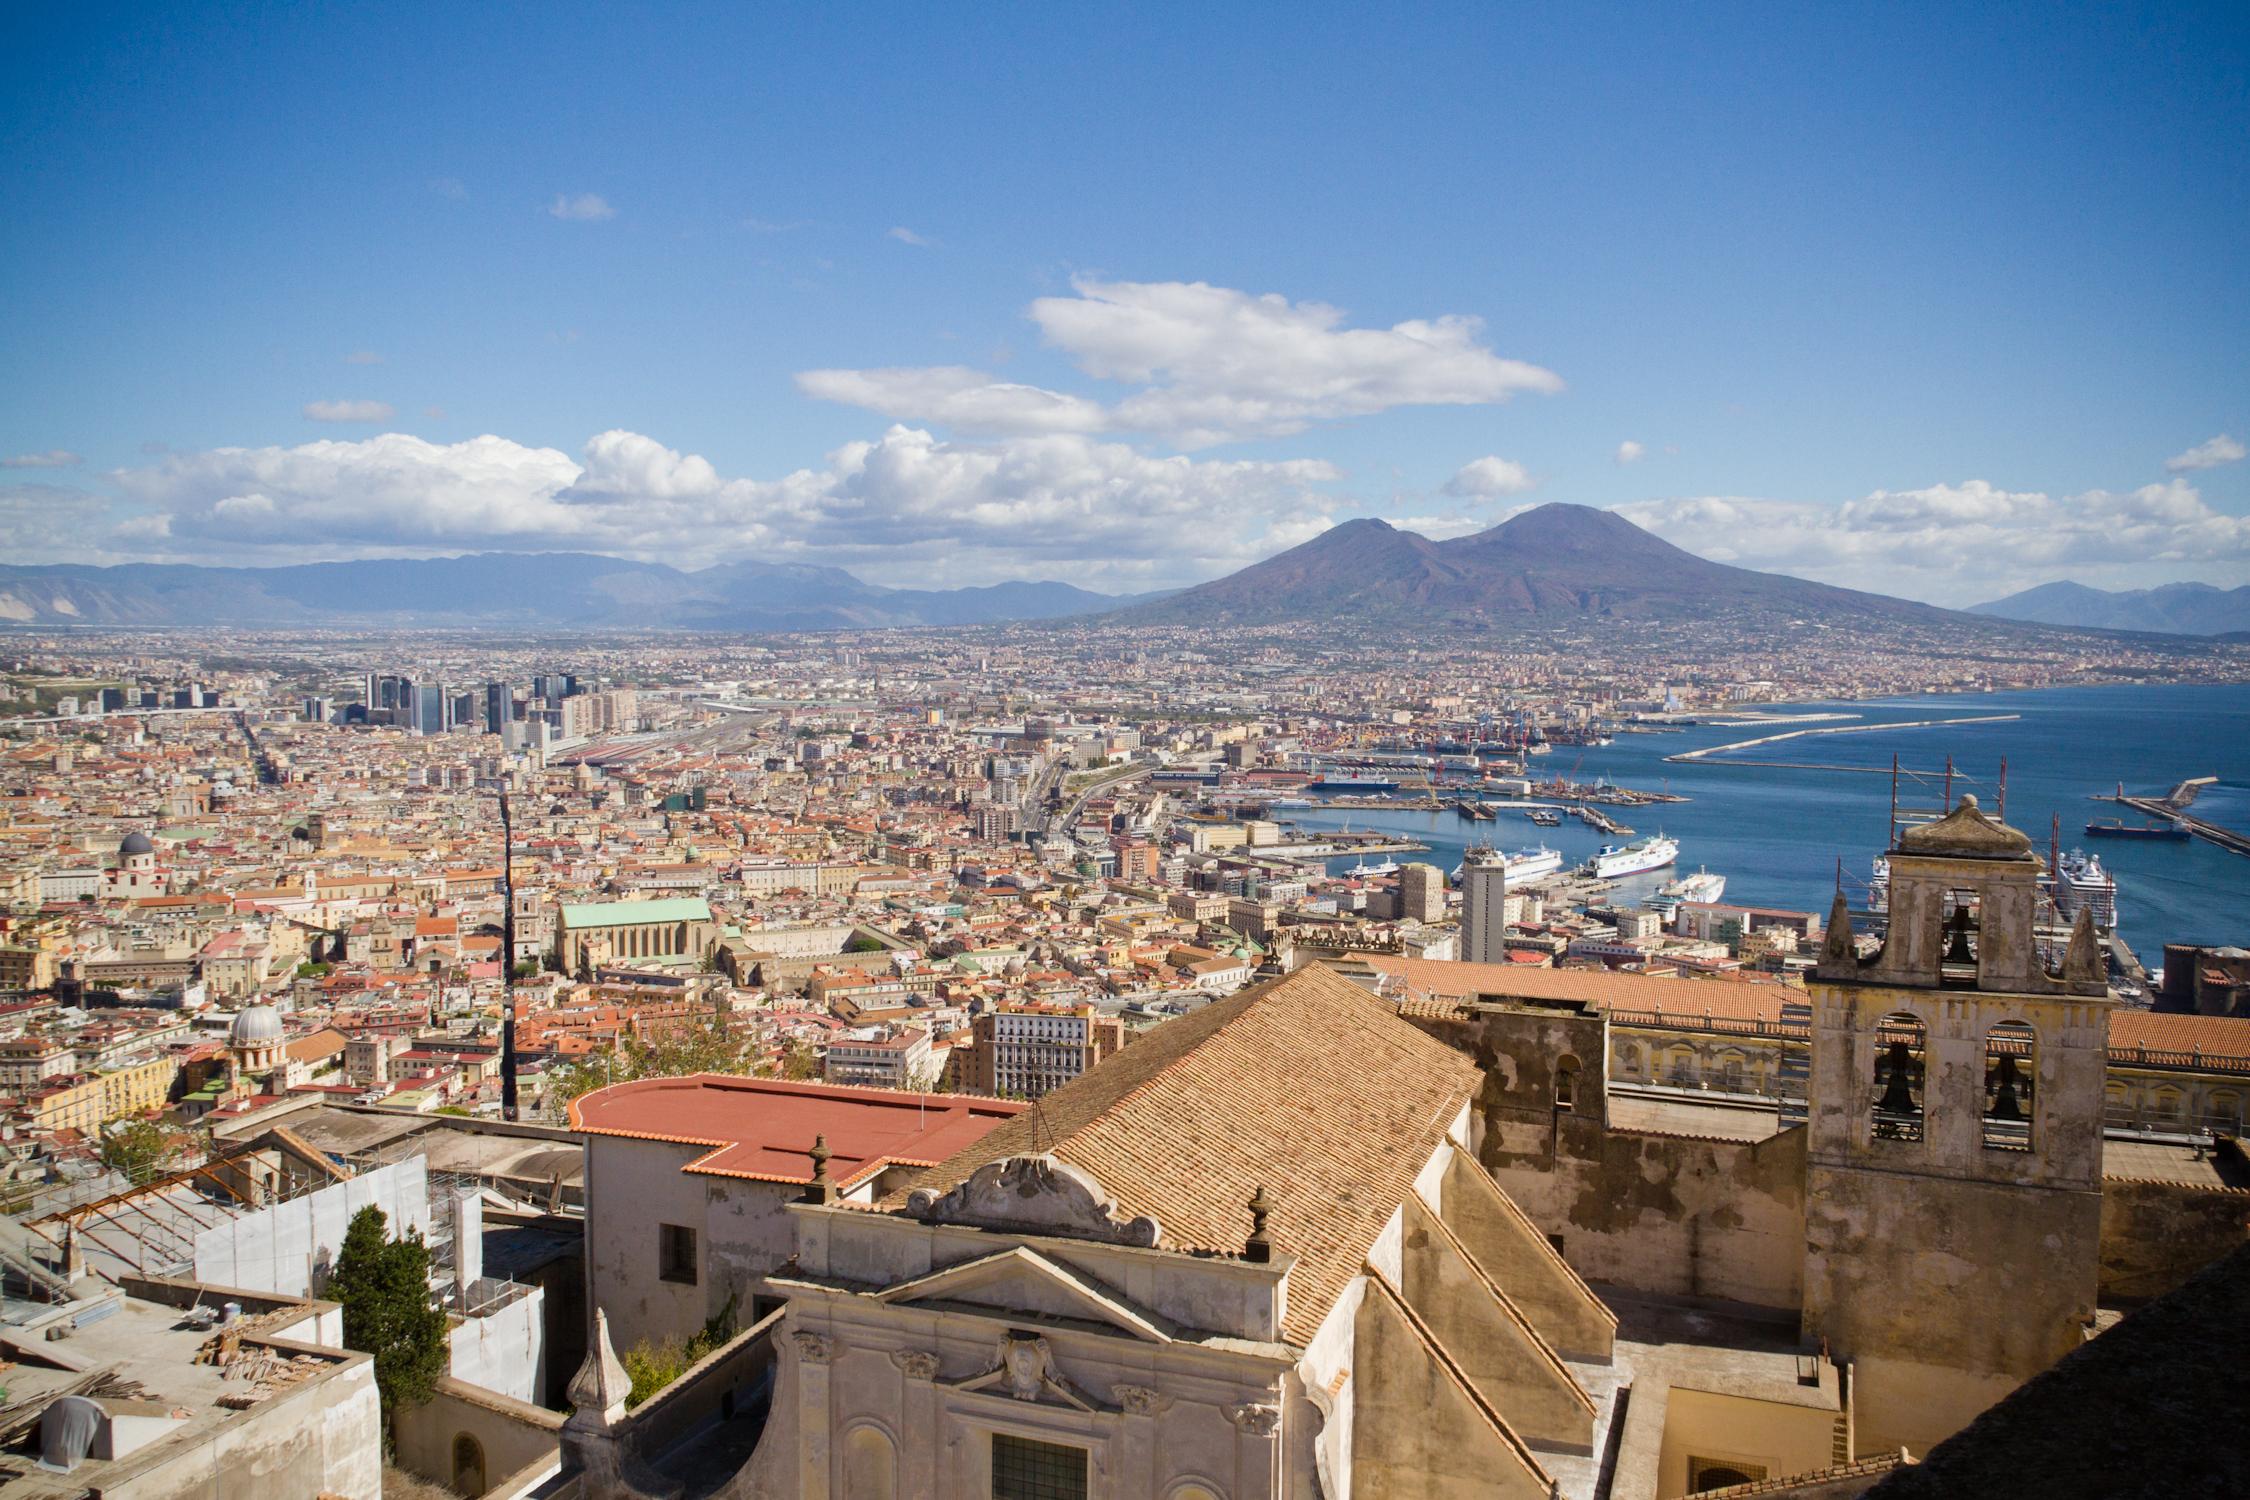 Neapel mit Vesuv